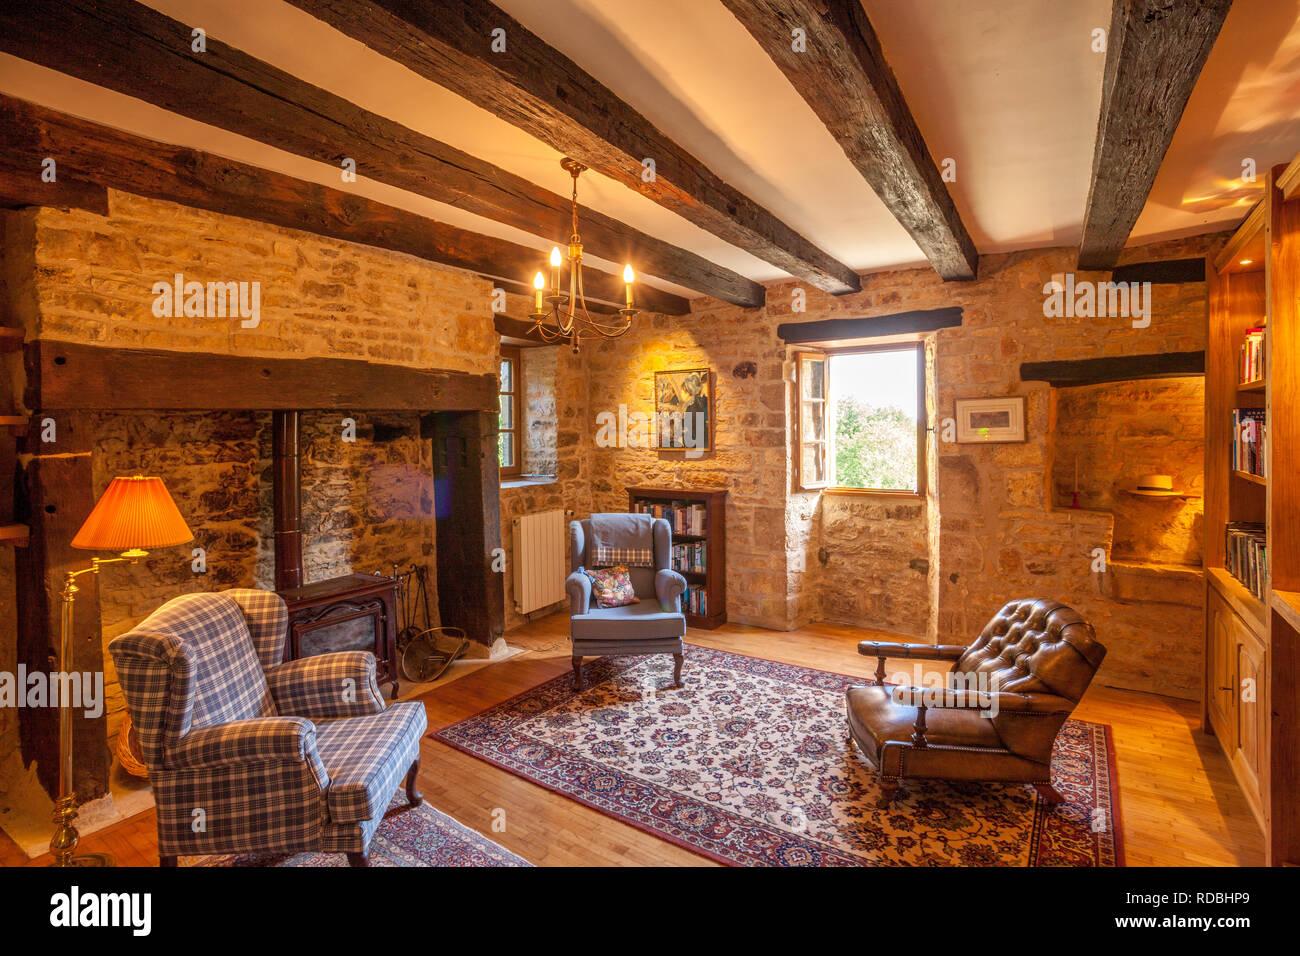 Intreior di una tradizionale casa colonica francese soggiorno con ...